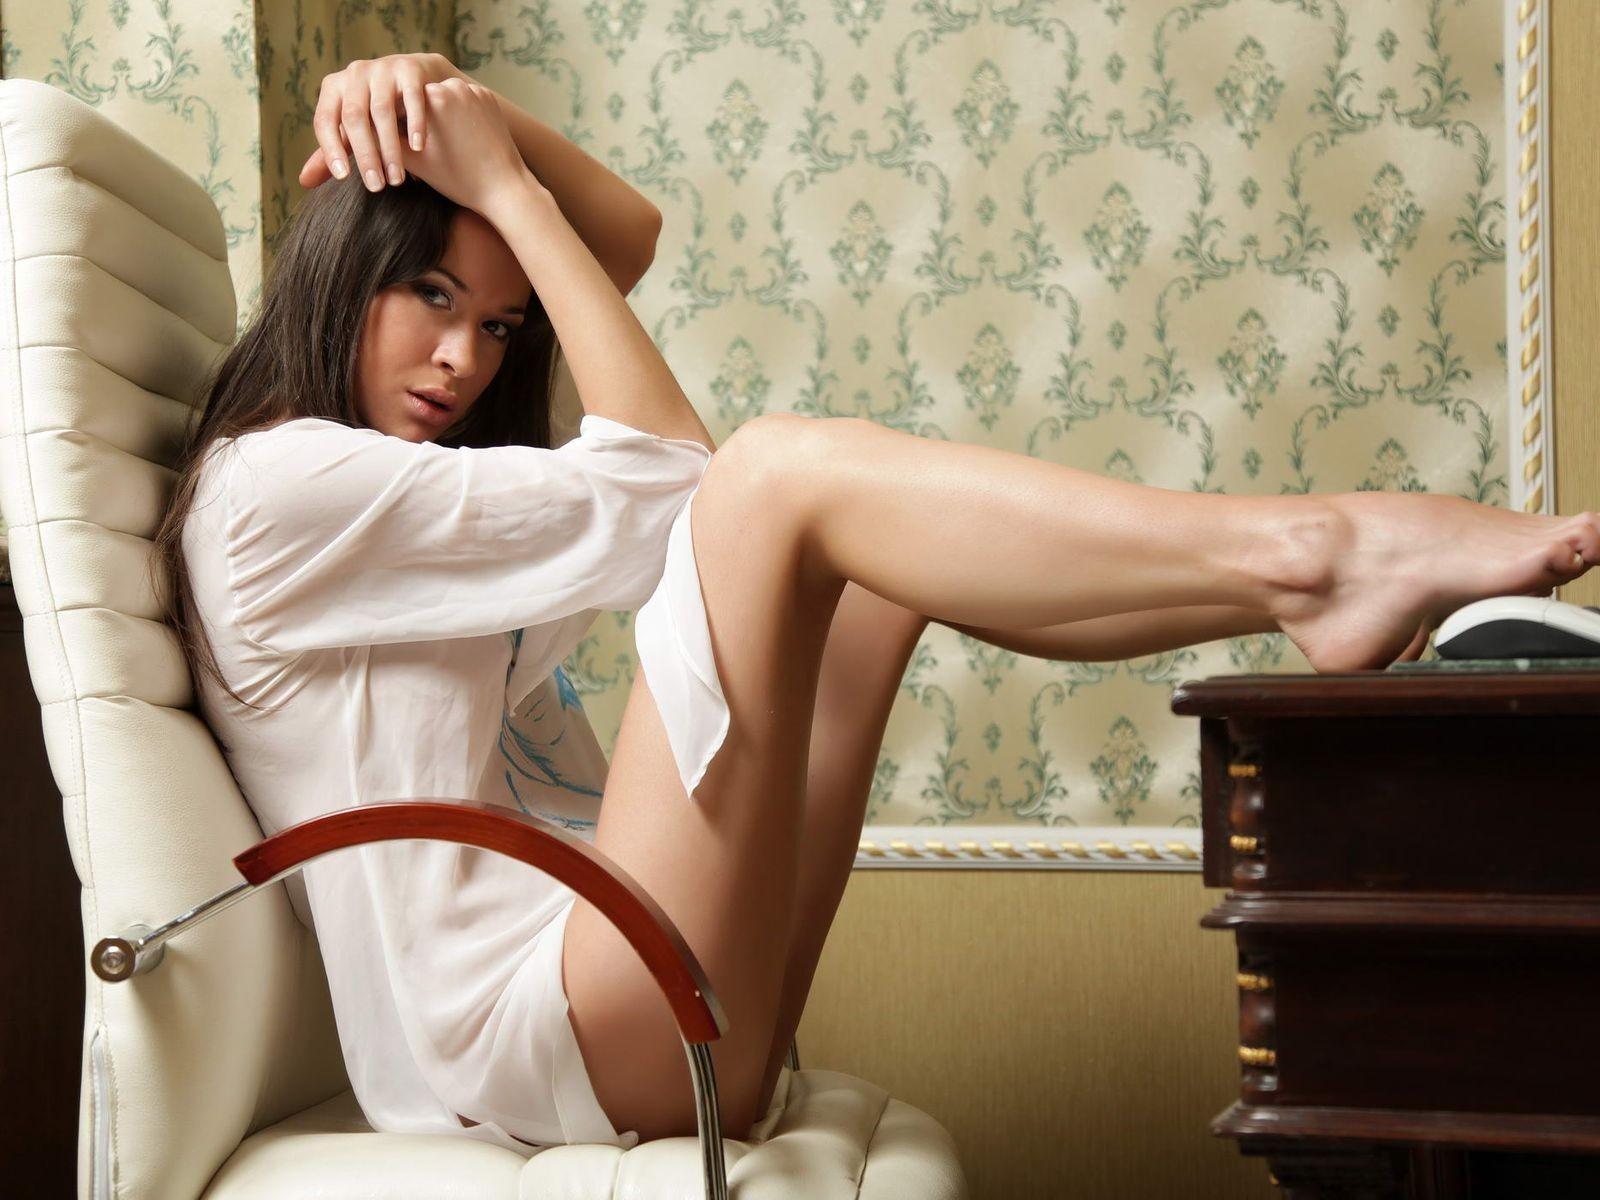 Худенькая шоколадная девушка позирует в кресле  126965